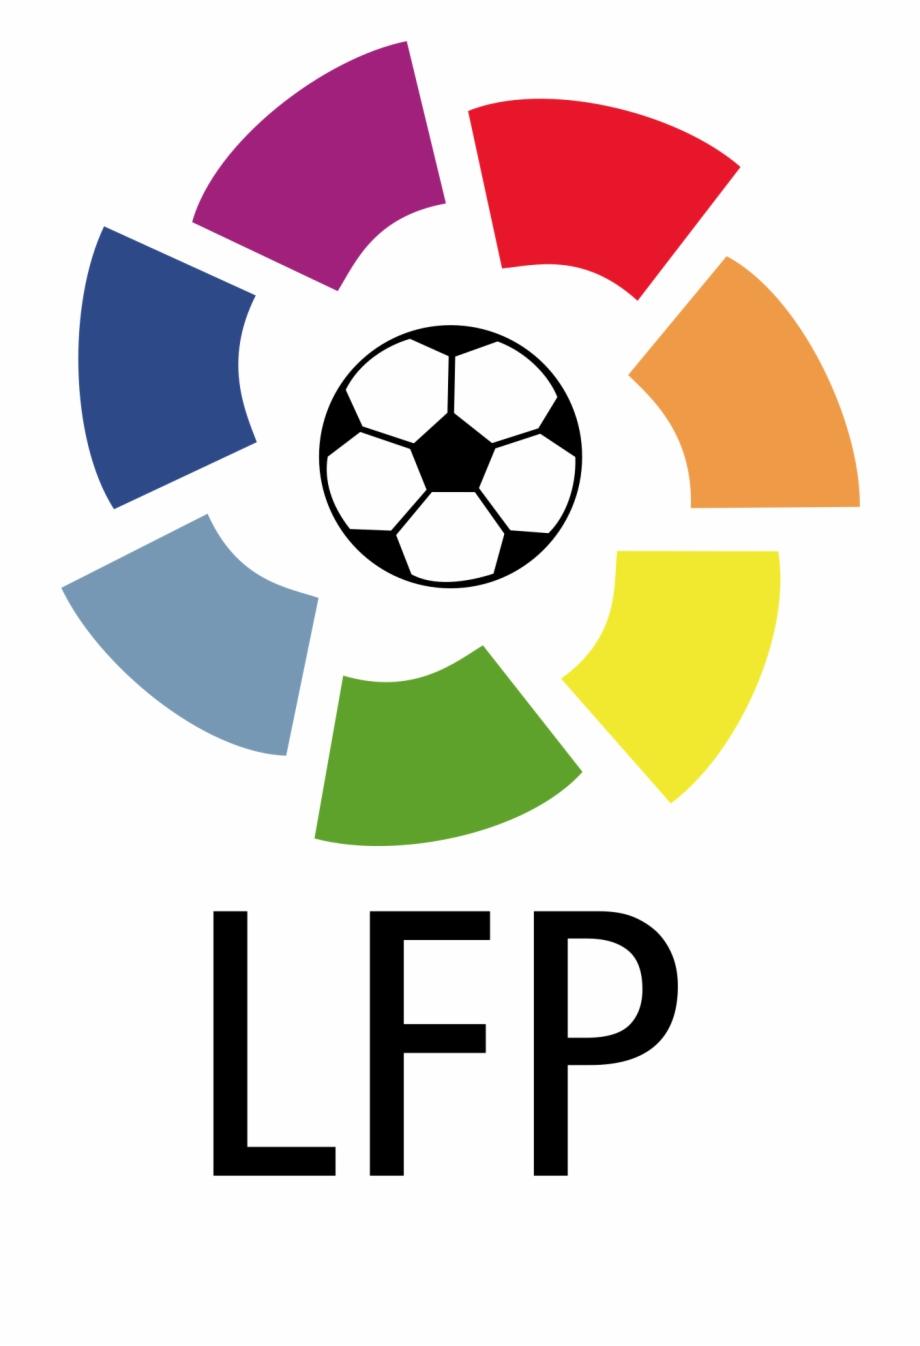 More Free Soccer La Liga Png Images.